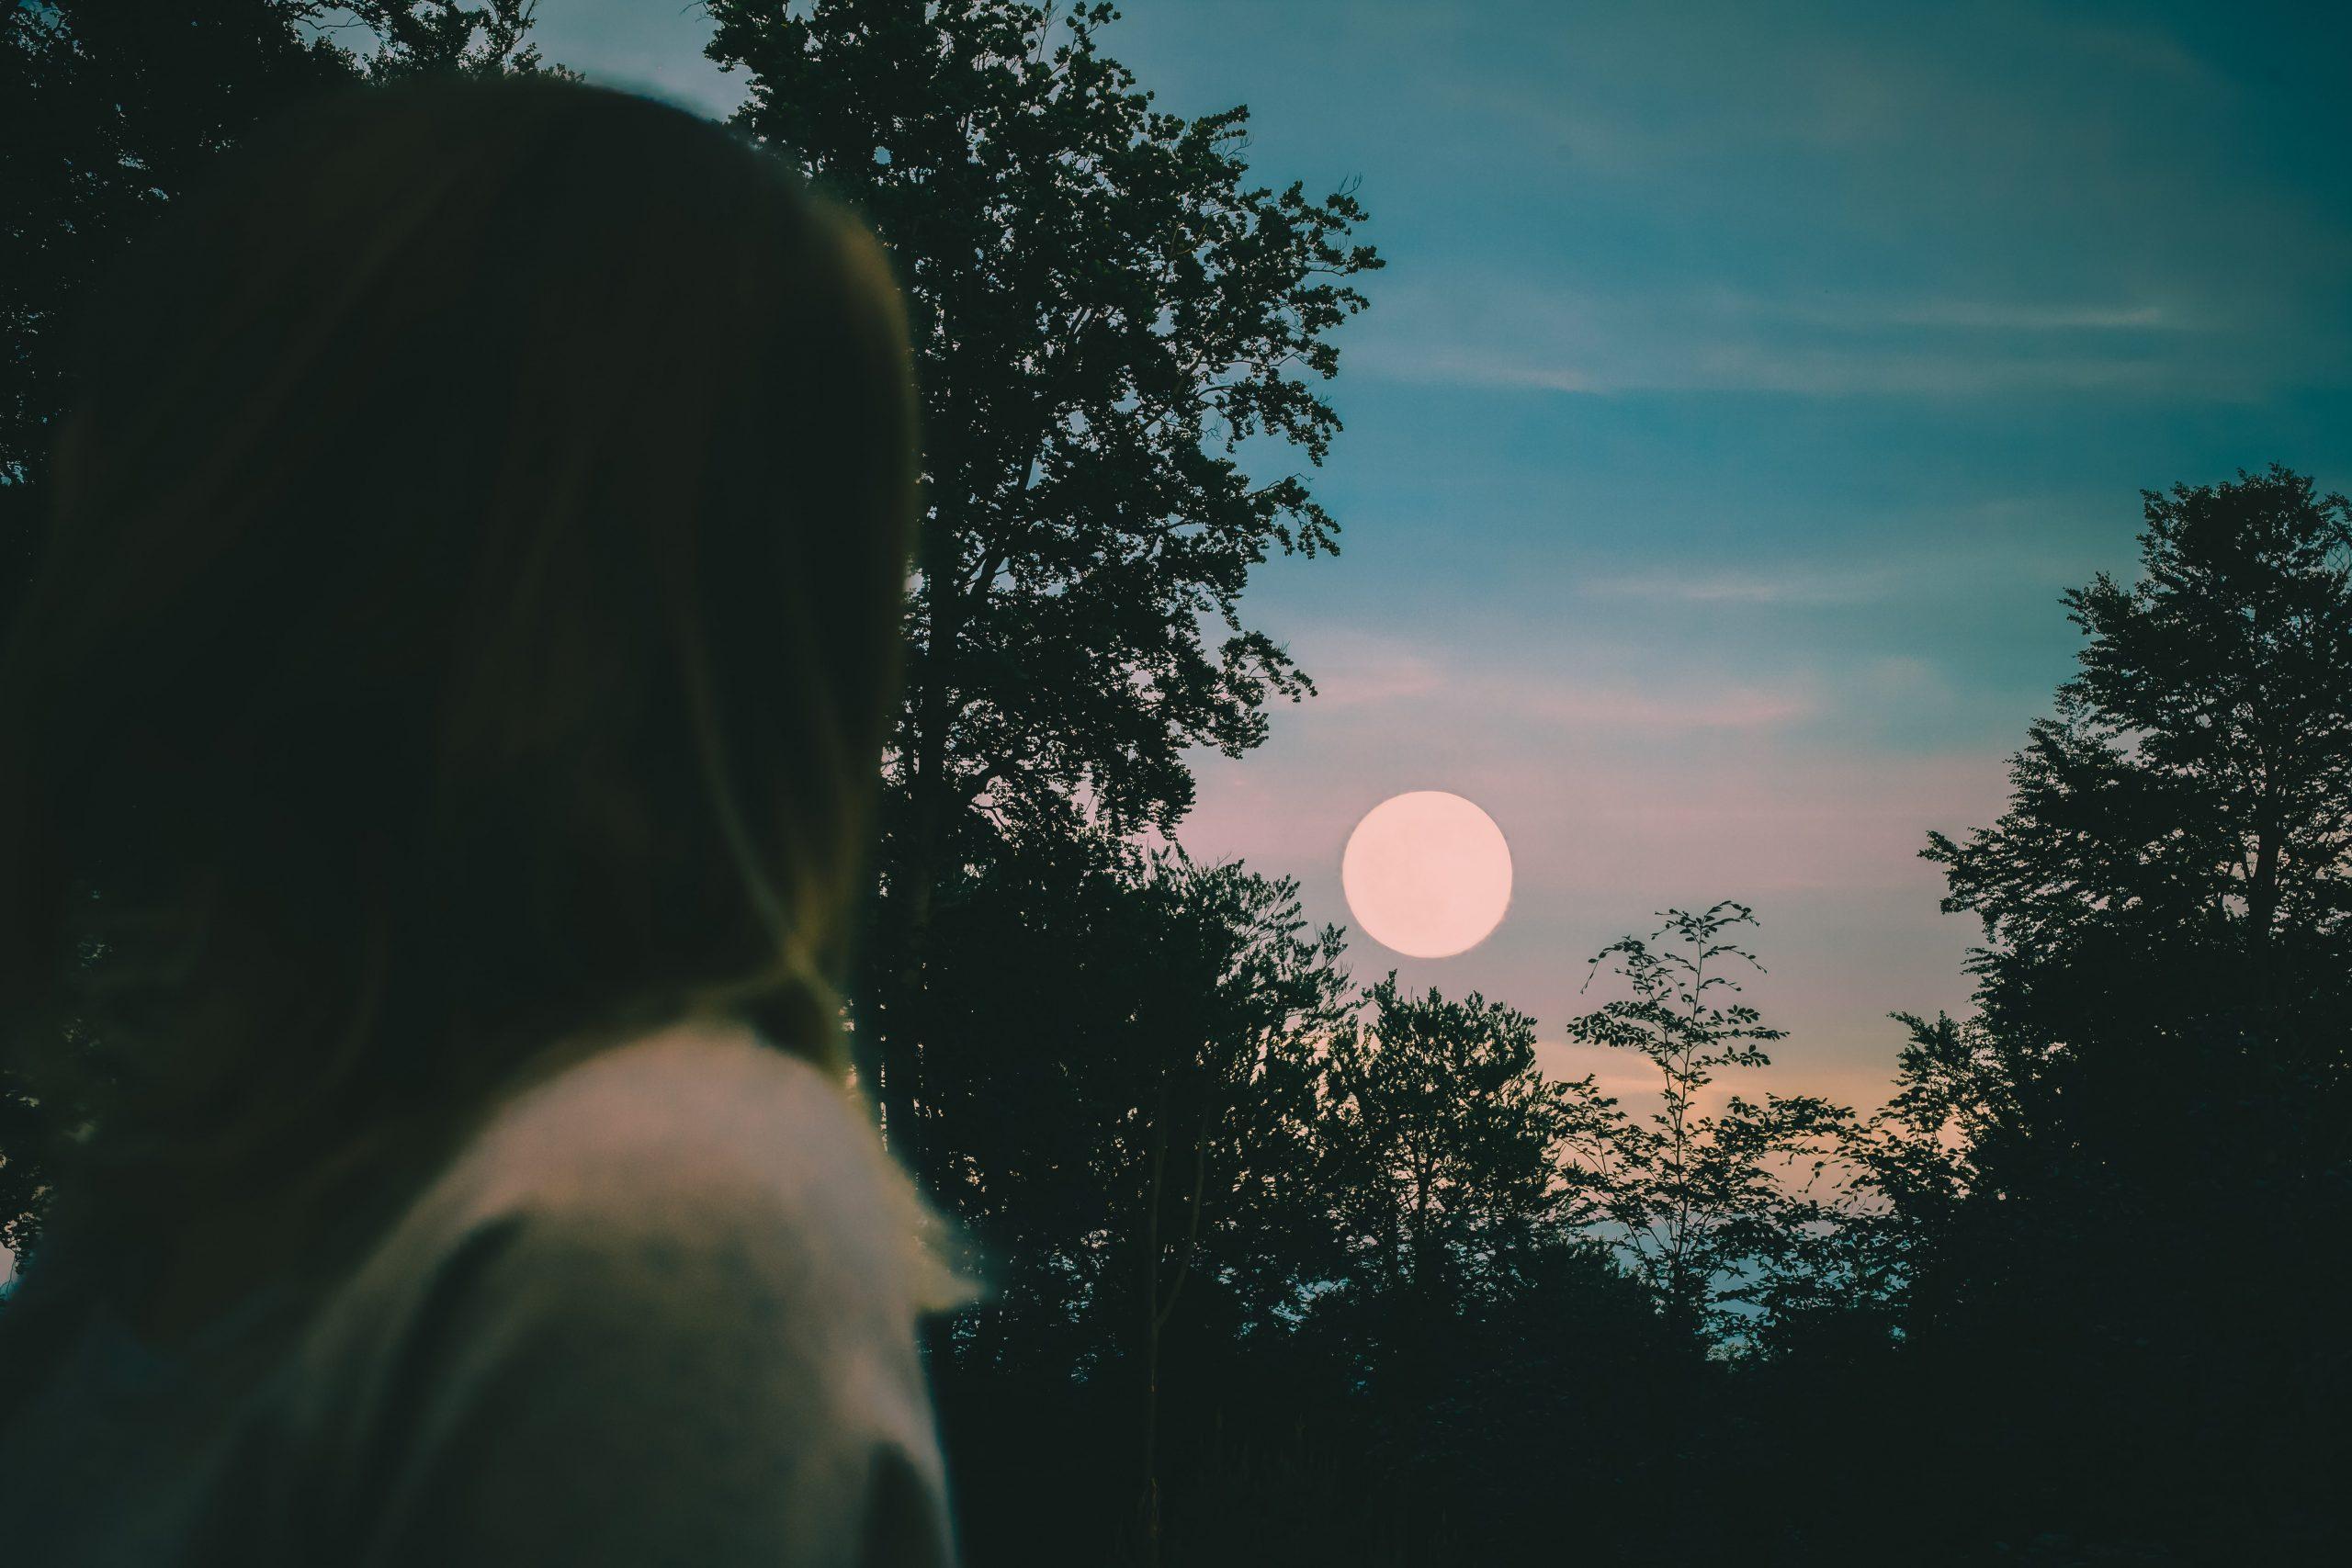 emilia-niedzwiedzka-O0V9uAAuX0Y-unsplash